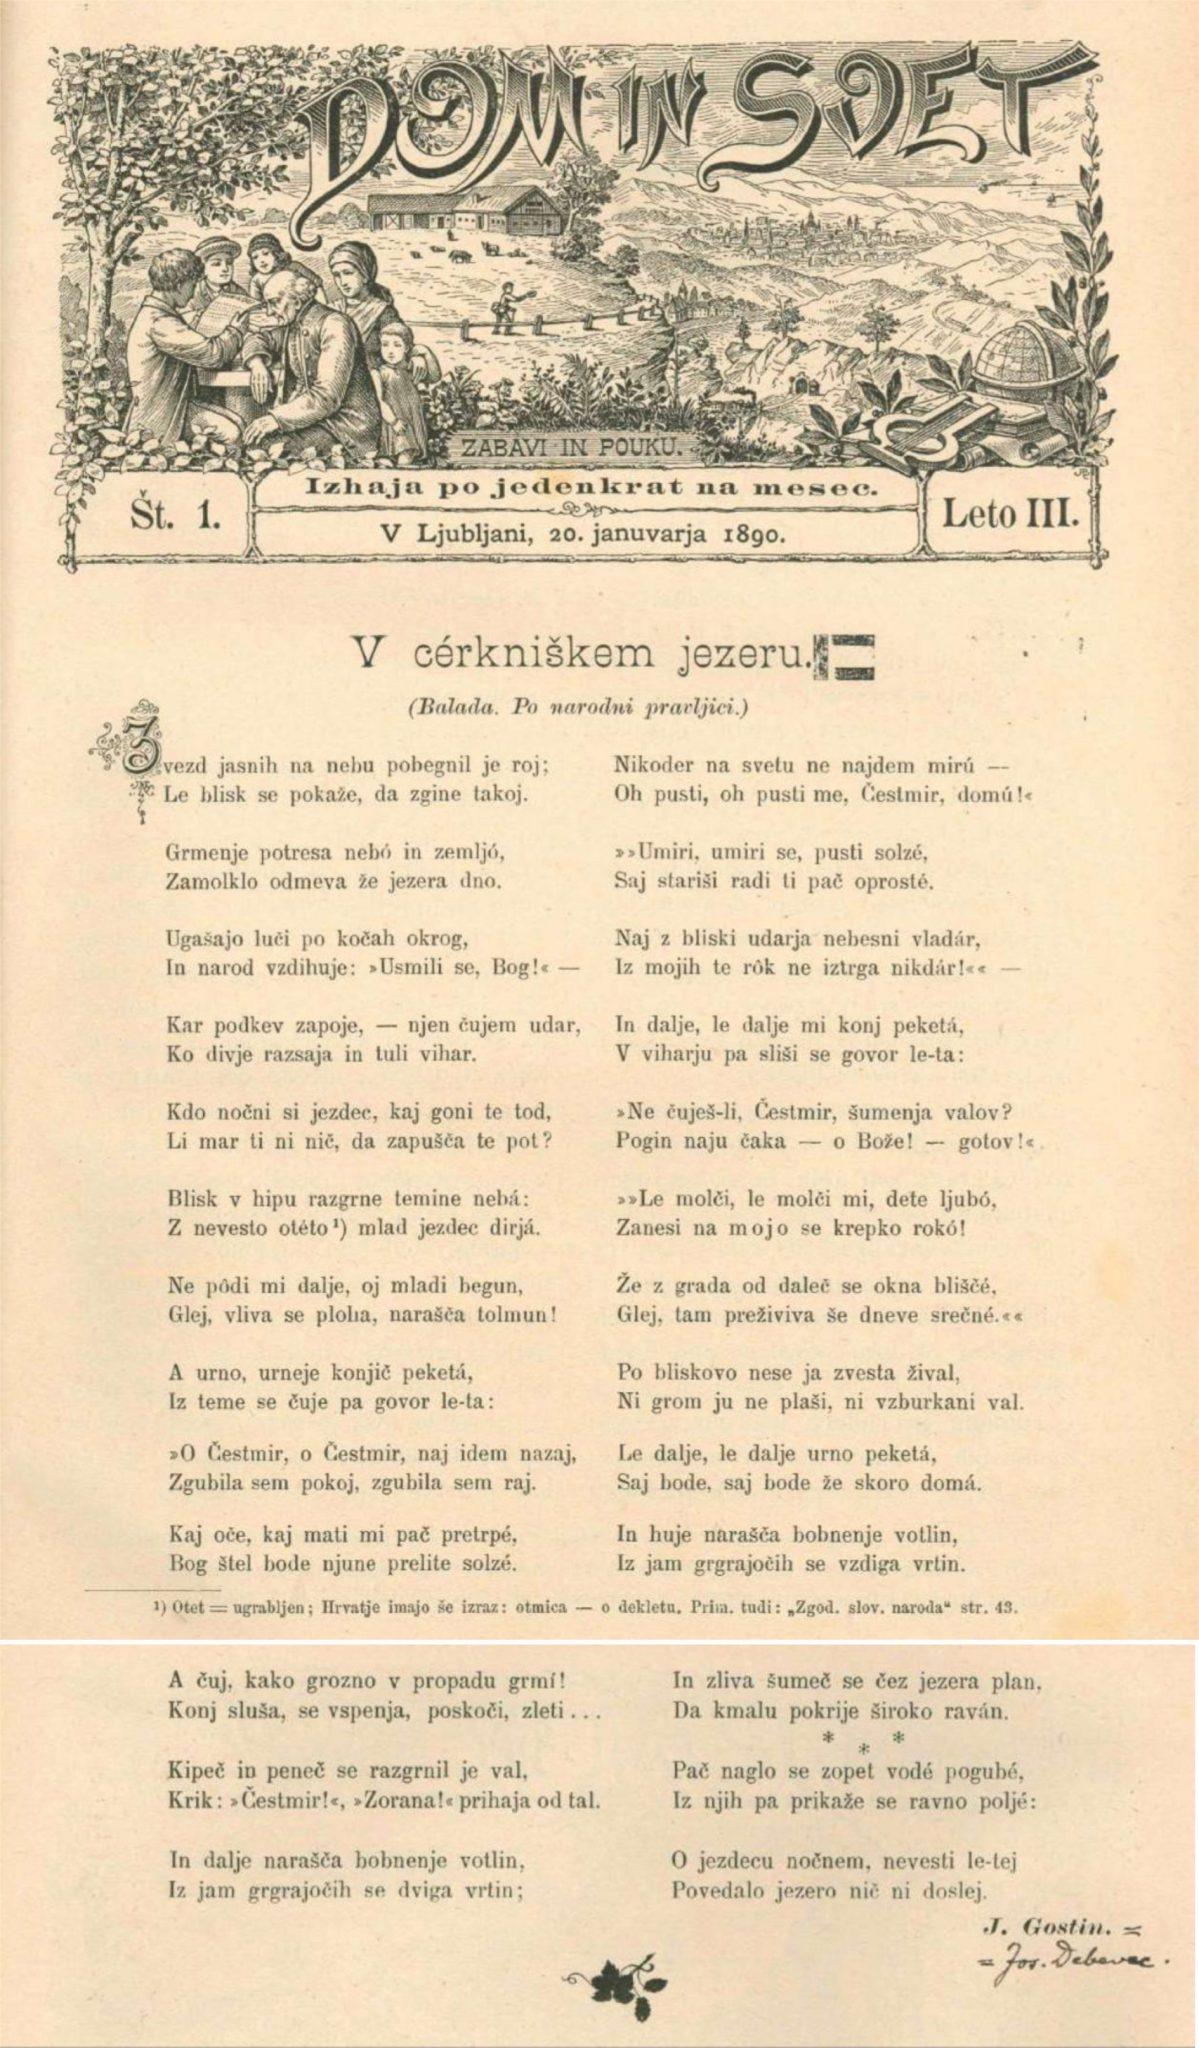 pesem - 150-letnica rojstva Jožeta Debevca, prvega prevajalca Dantejeve Božanske komedije v slovenski jezik